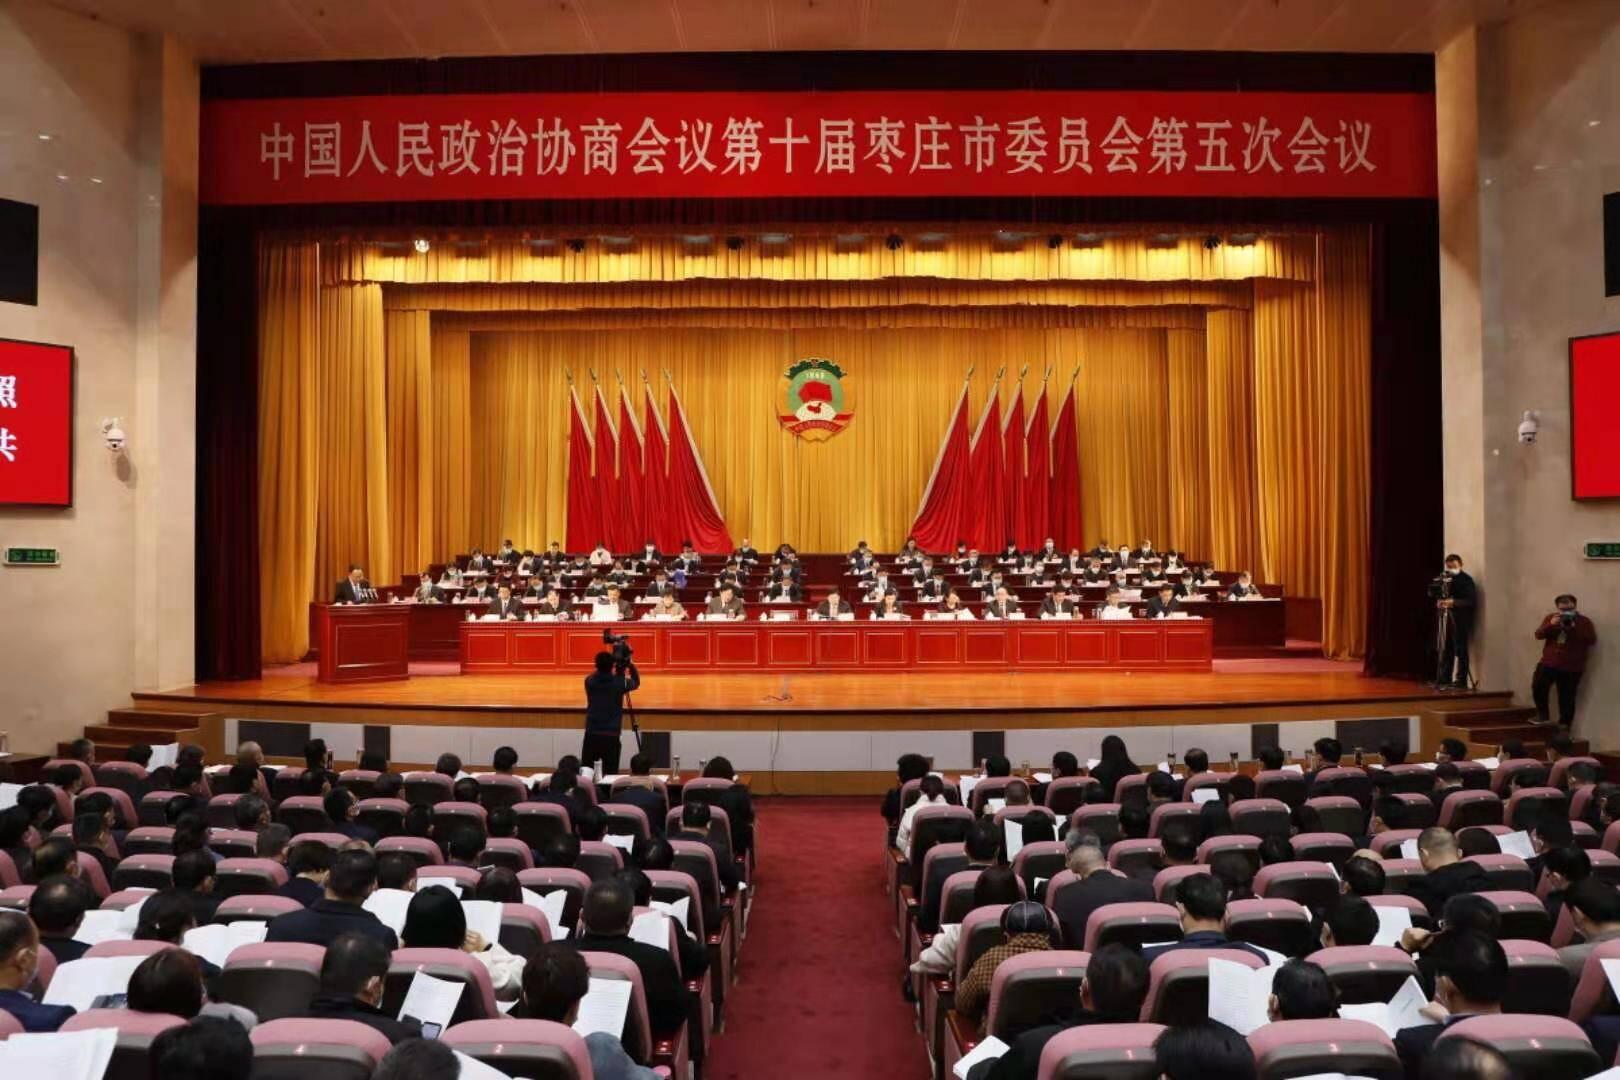 61秒 枣庄市政协十届五次会议开幕